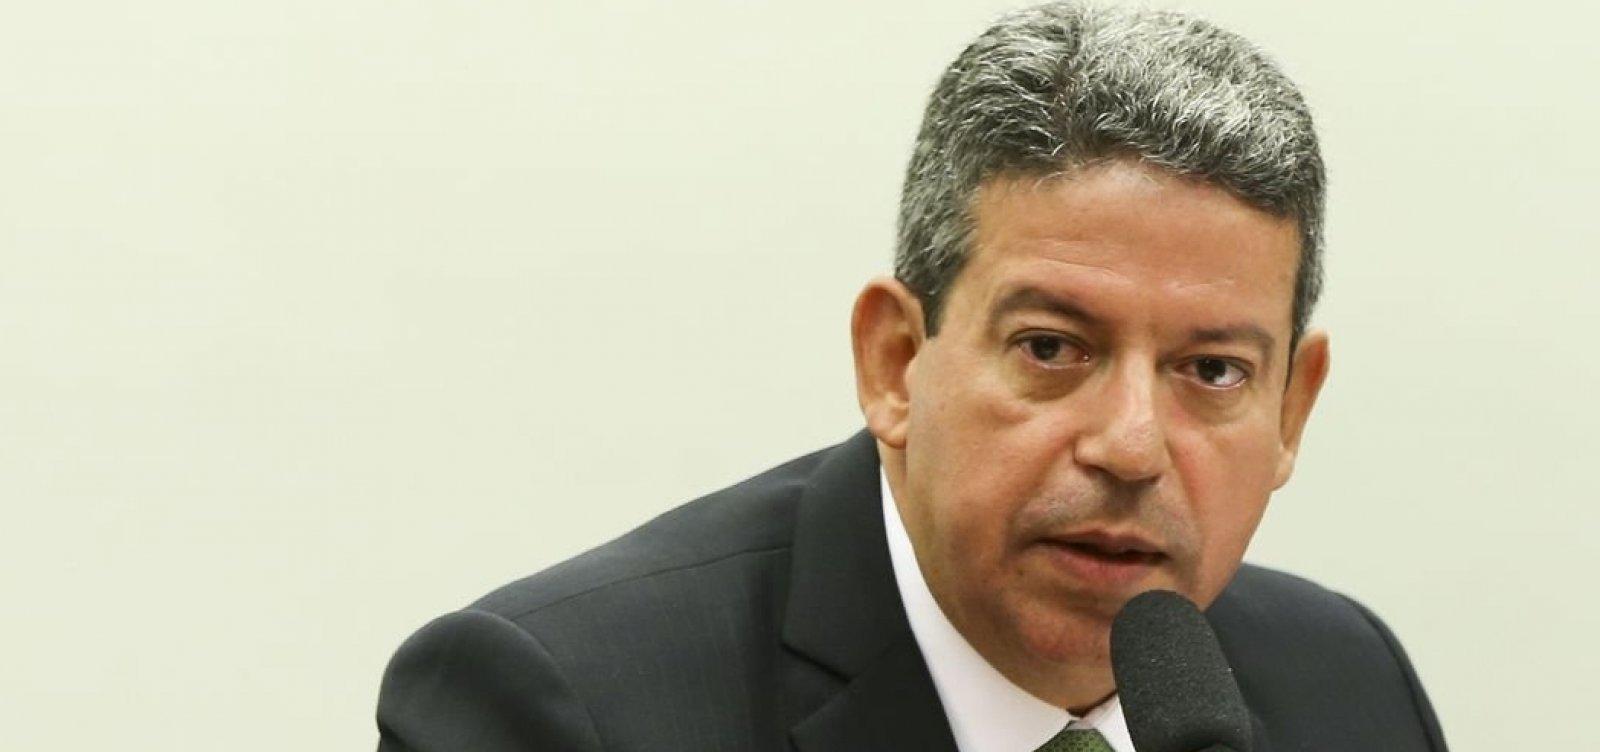 [Candidato do governo, Lira contradiz Bolsonaro e afirma que ninguém interfere na presidência da Câmara]